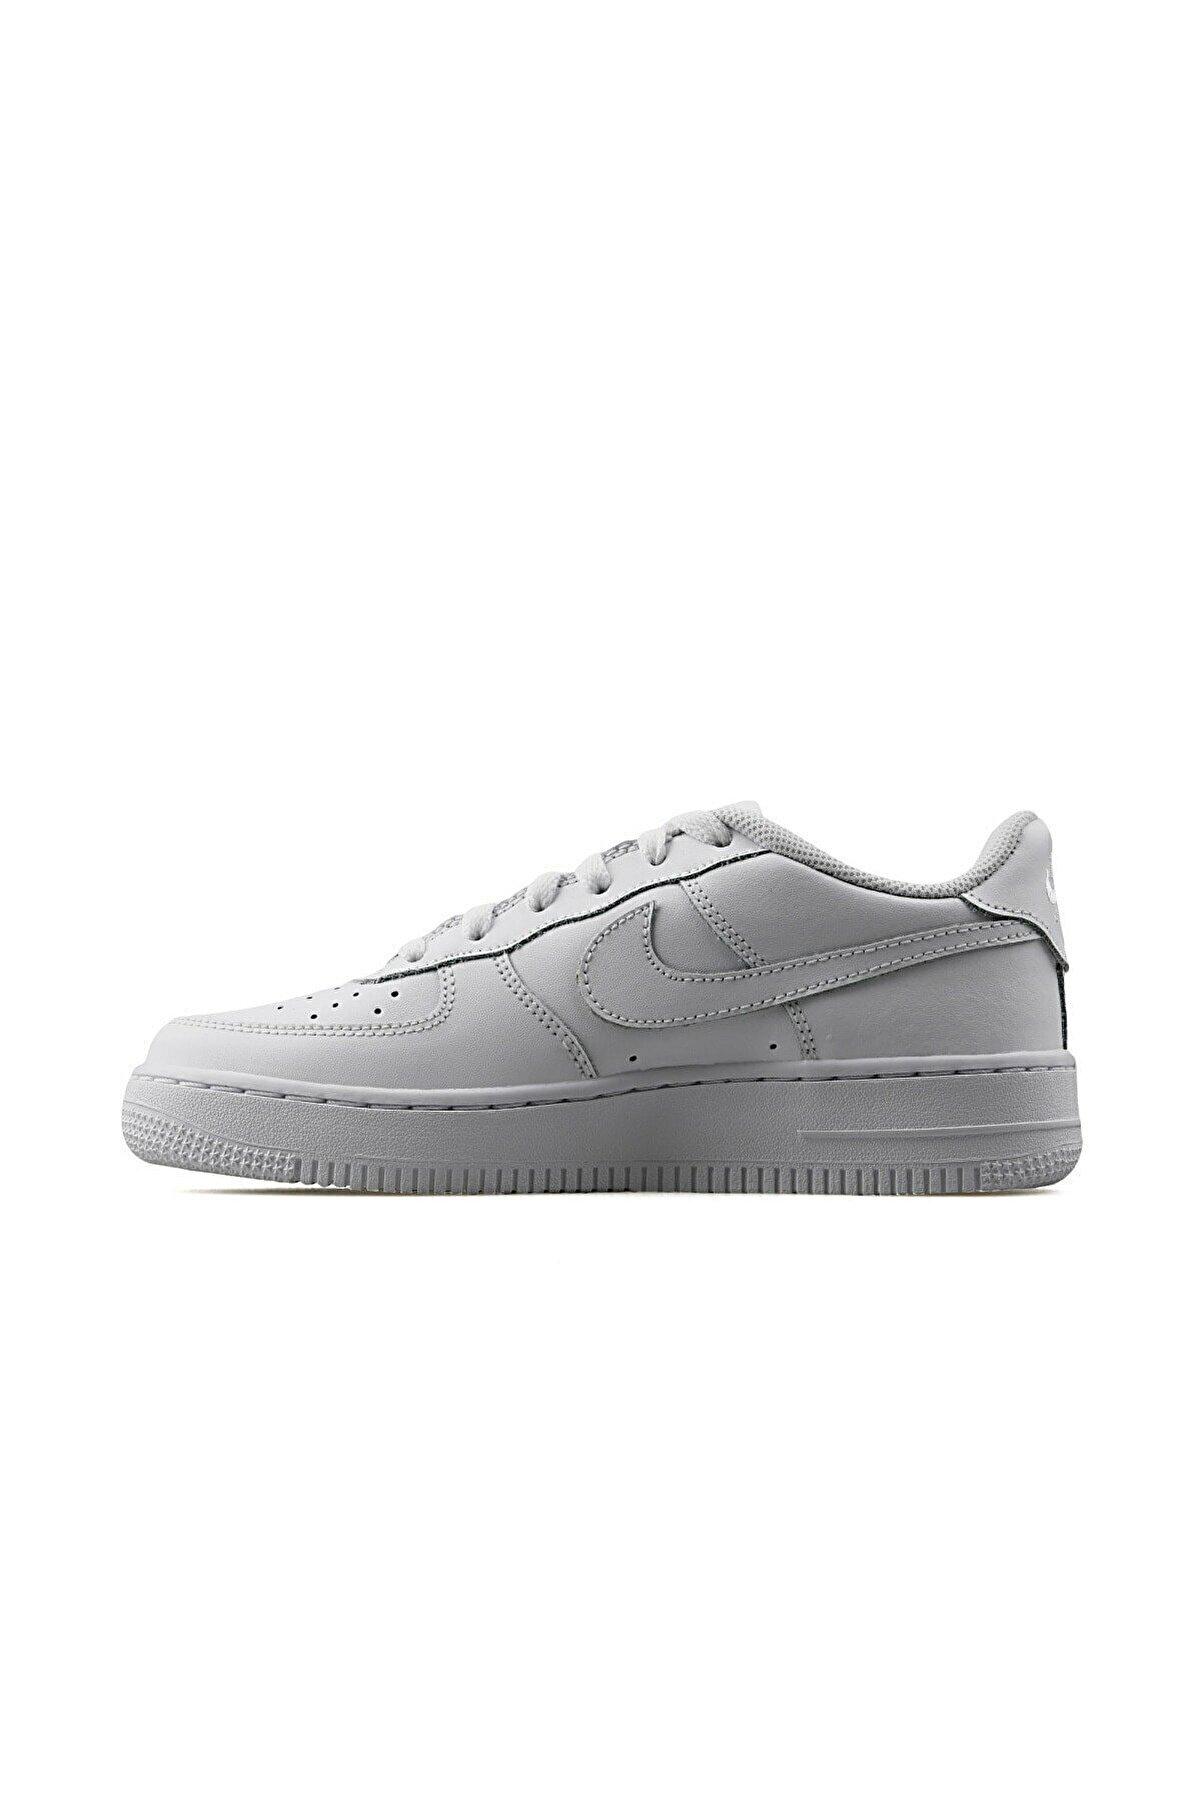 Nike Air Force Spor Ayakkabı 315122-1111 Beyaz